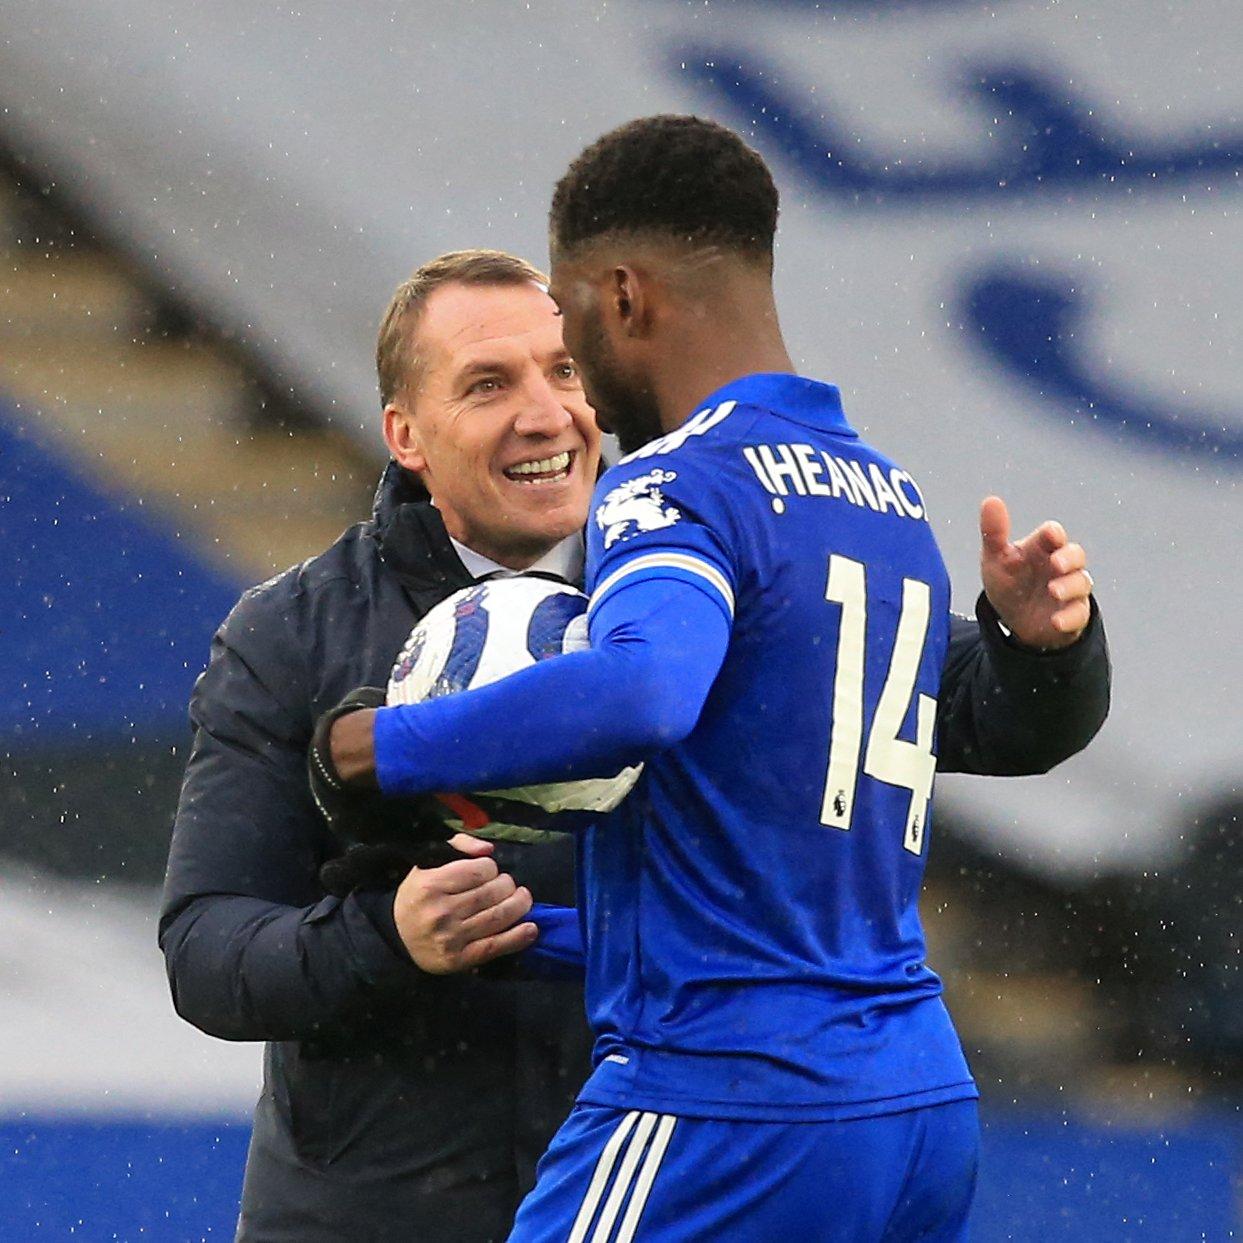 El entrenador y delantero del Leicester City Kelechi Iheanacho